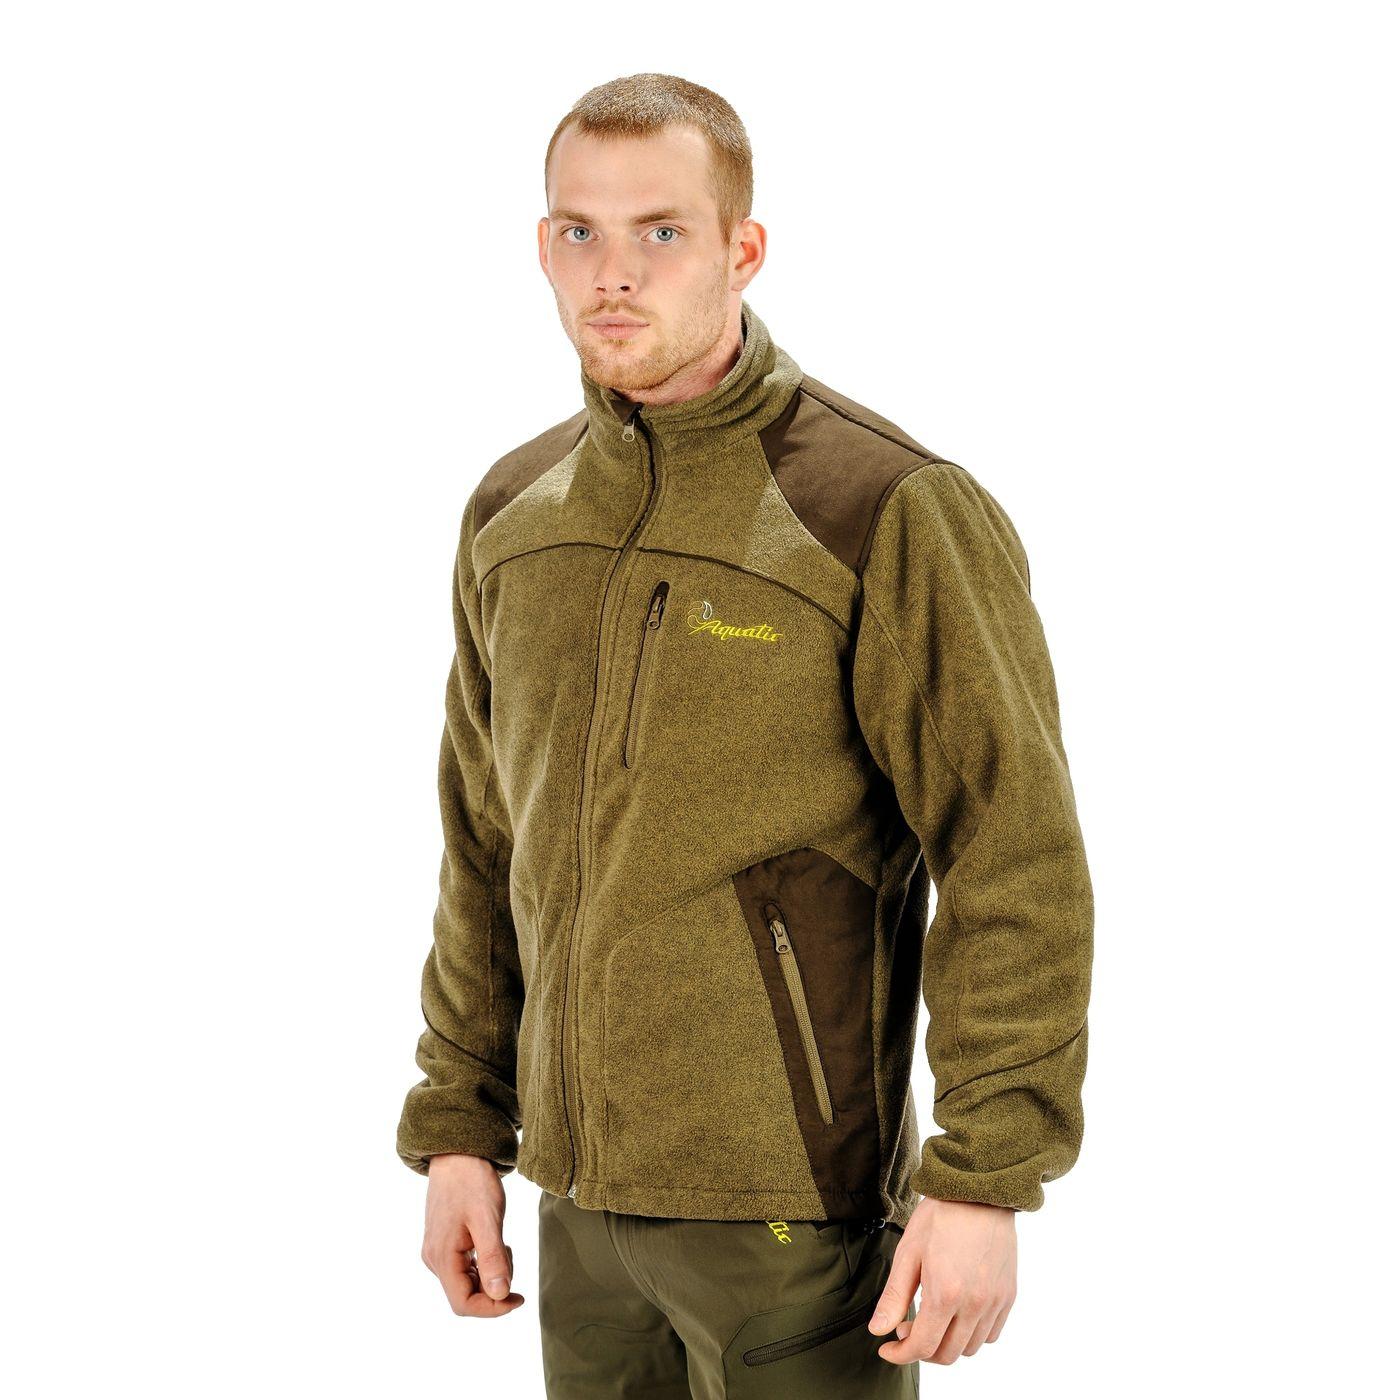 Fleece Jacket Aquatic Kf-01, Fishing Logo Kf-01 R XL